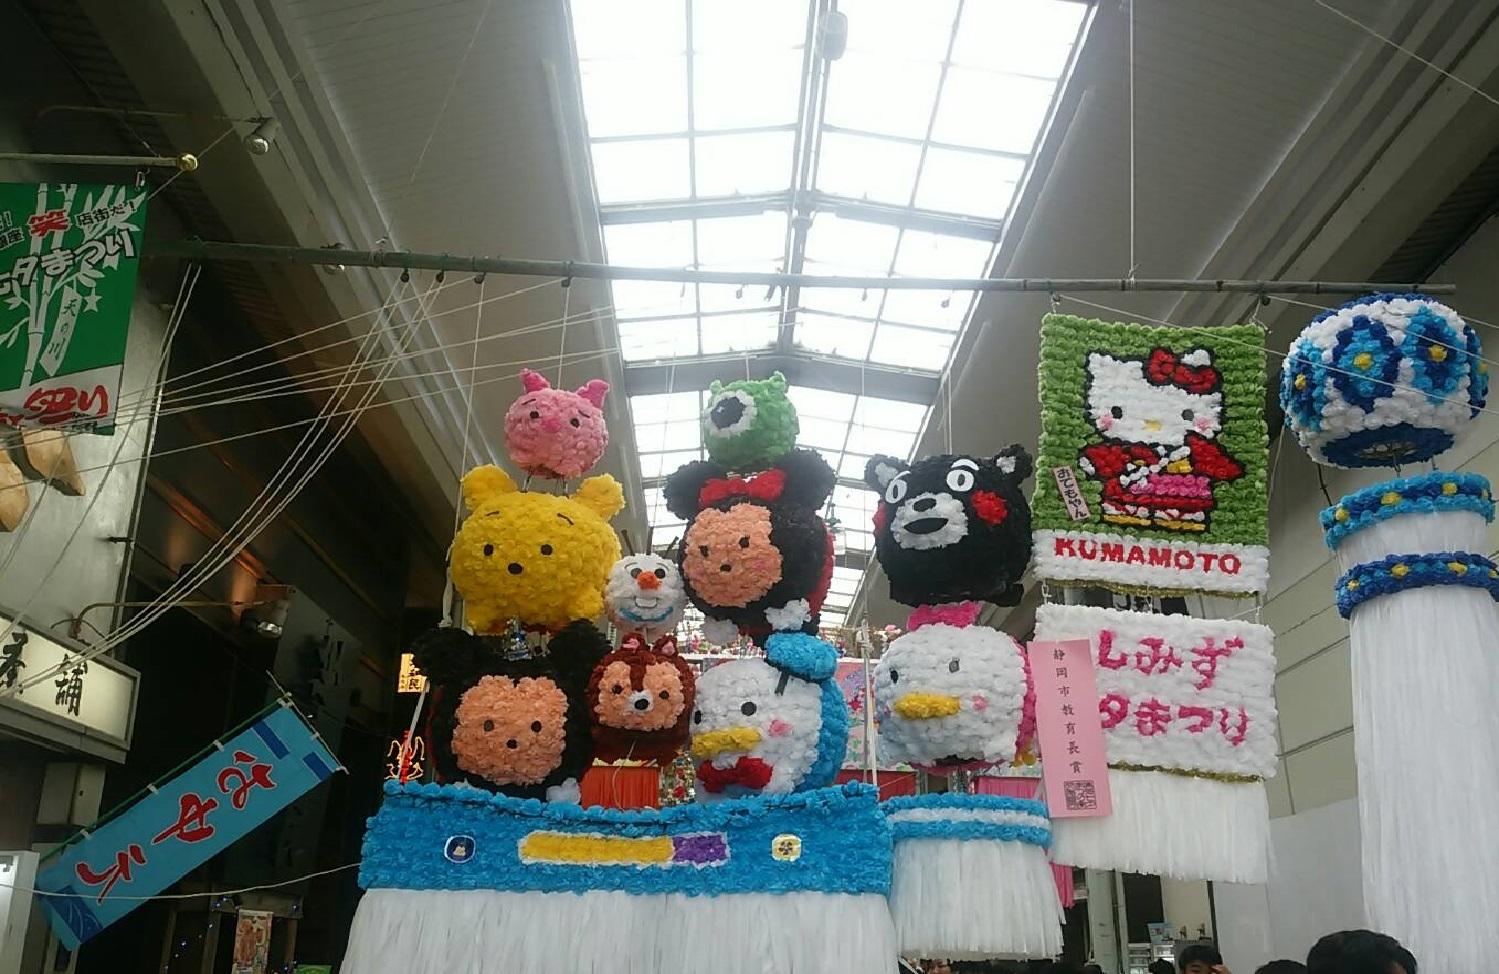 七夕in清水銀座駅前_f0129627_1749163.jpg